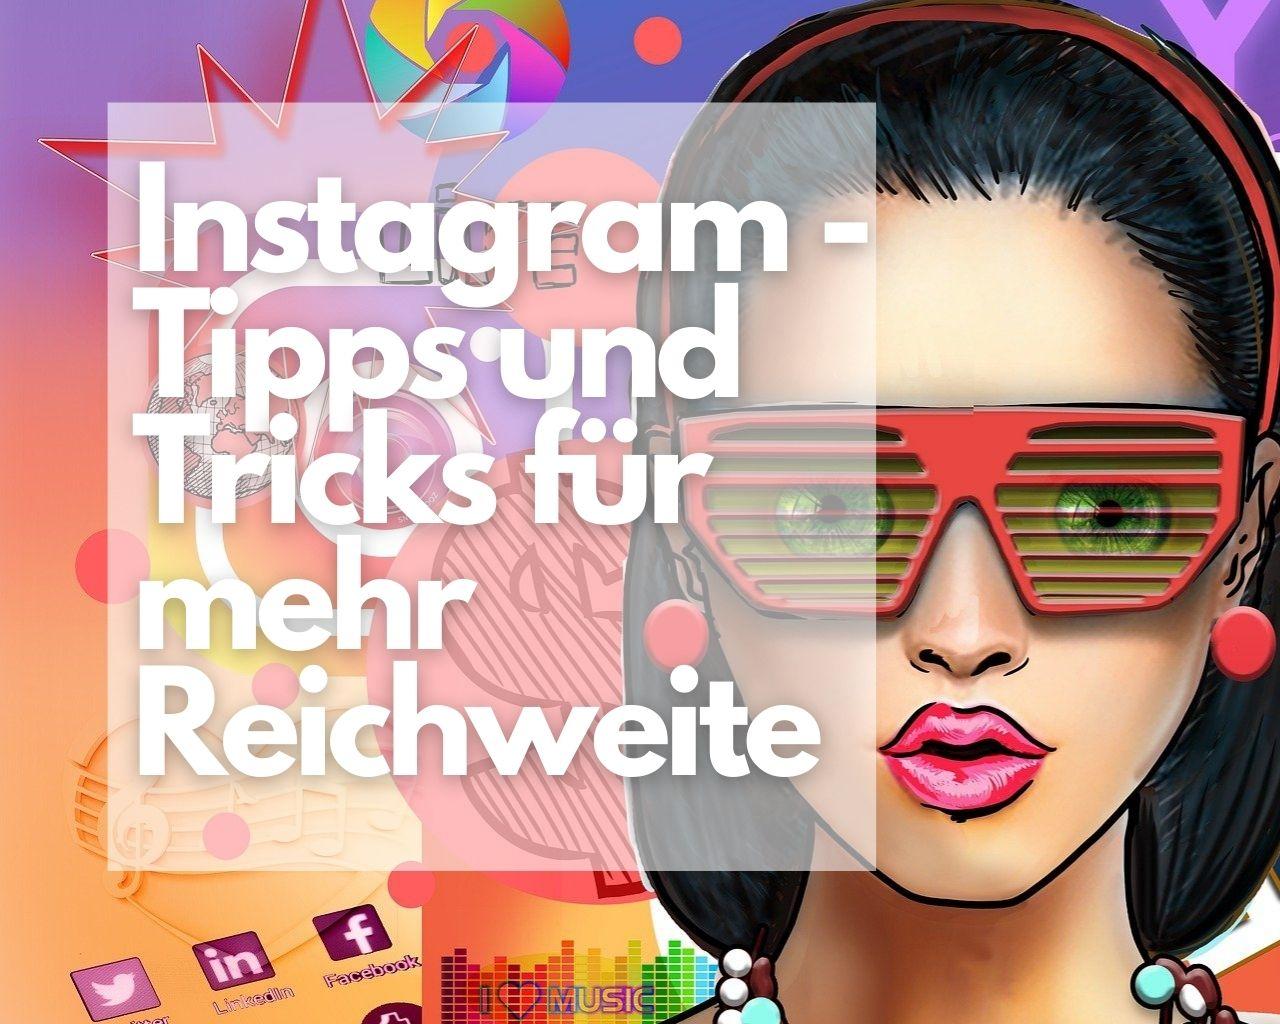 Instagram - Tipps und Tricks für mehr Reichweite